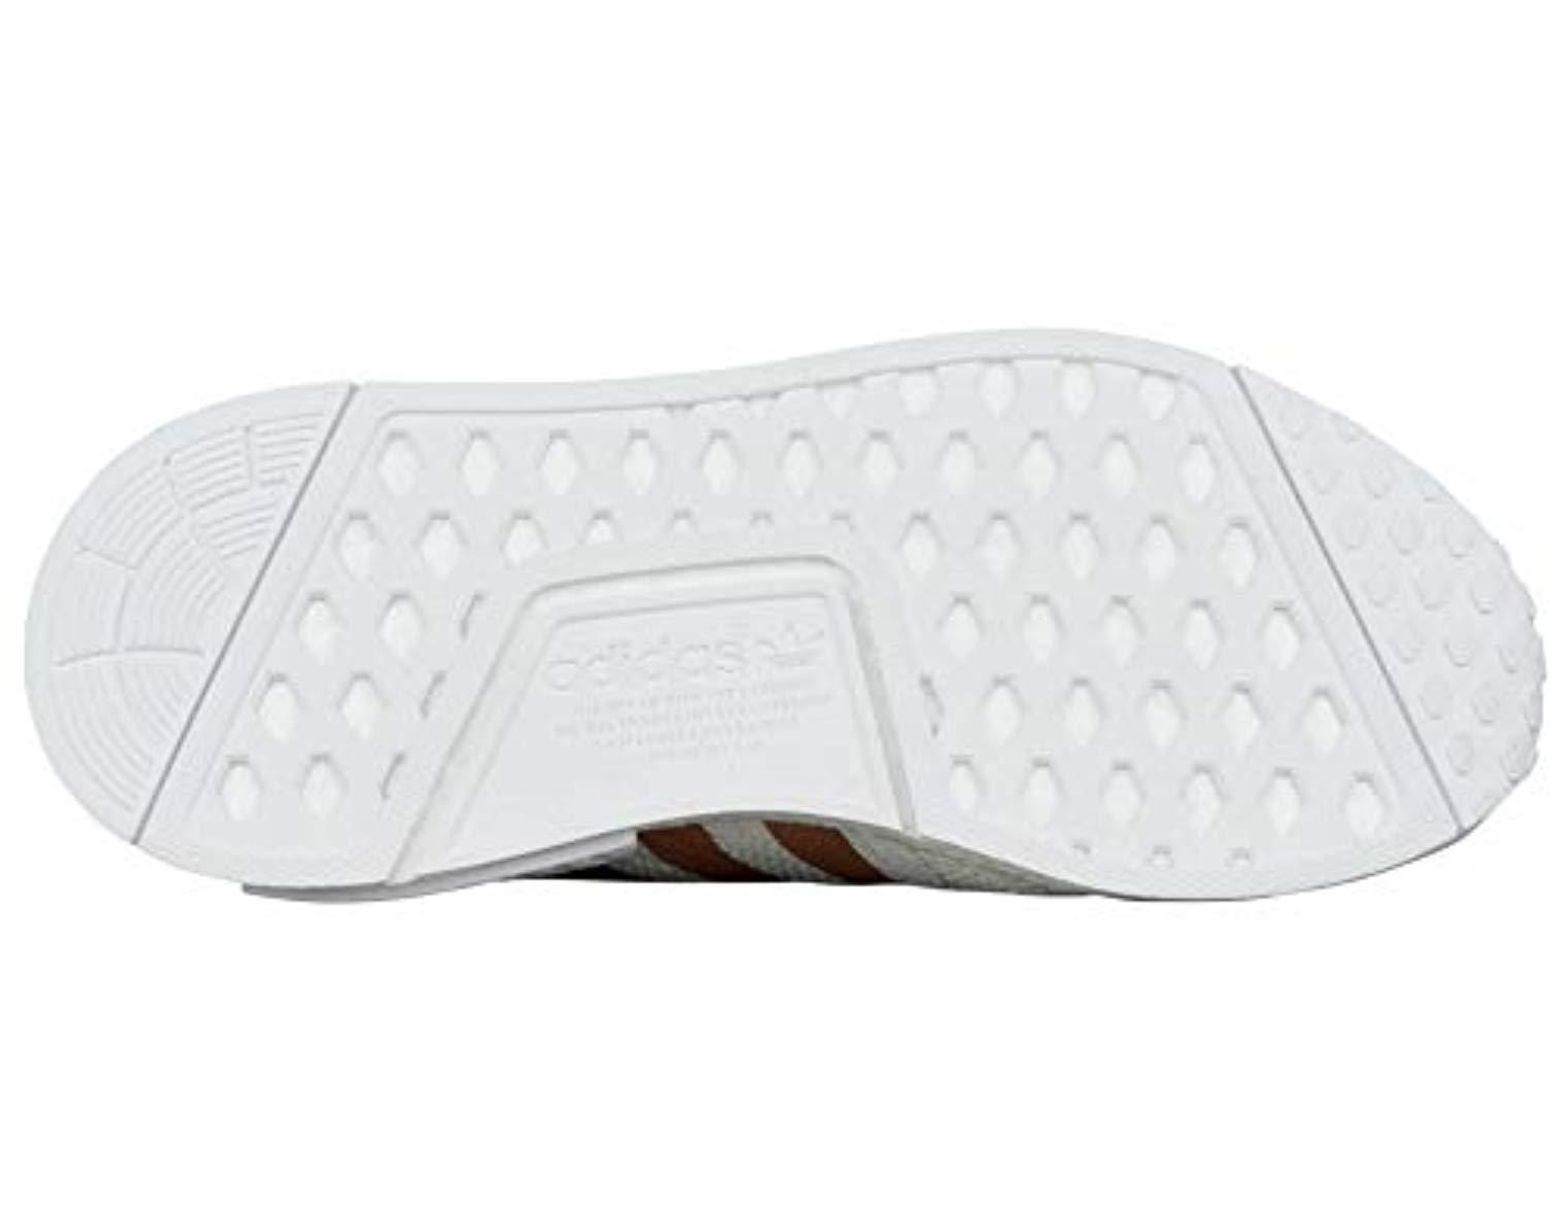 Adidas Women's Originals NMD_R1 Shoes White B37650